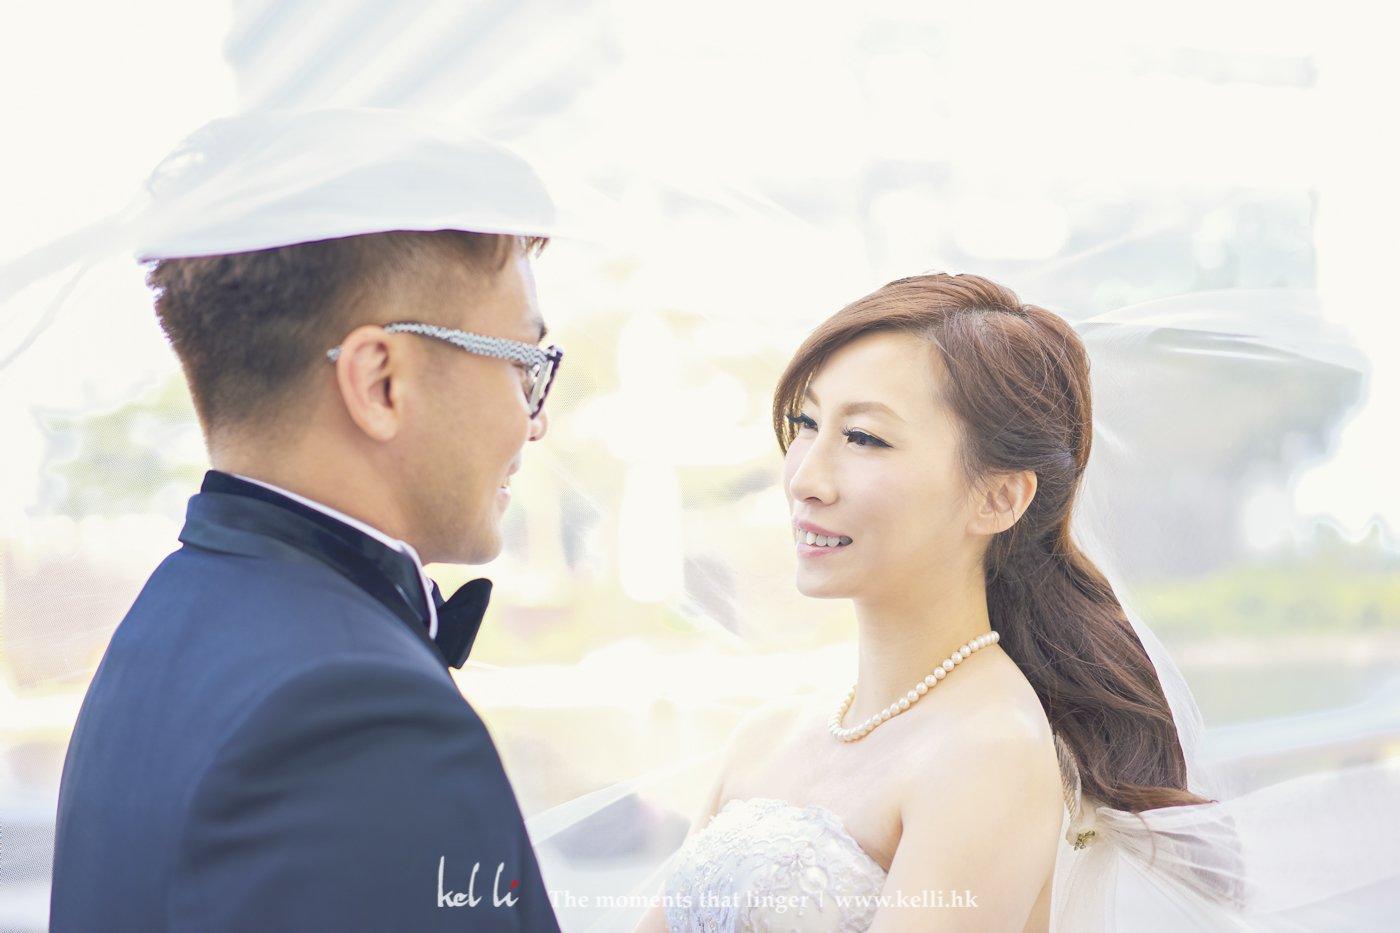 婚紗與頭紗是最佳的拍檔